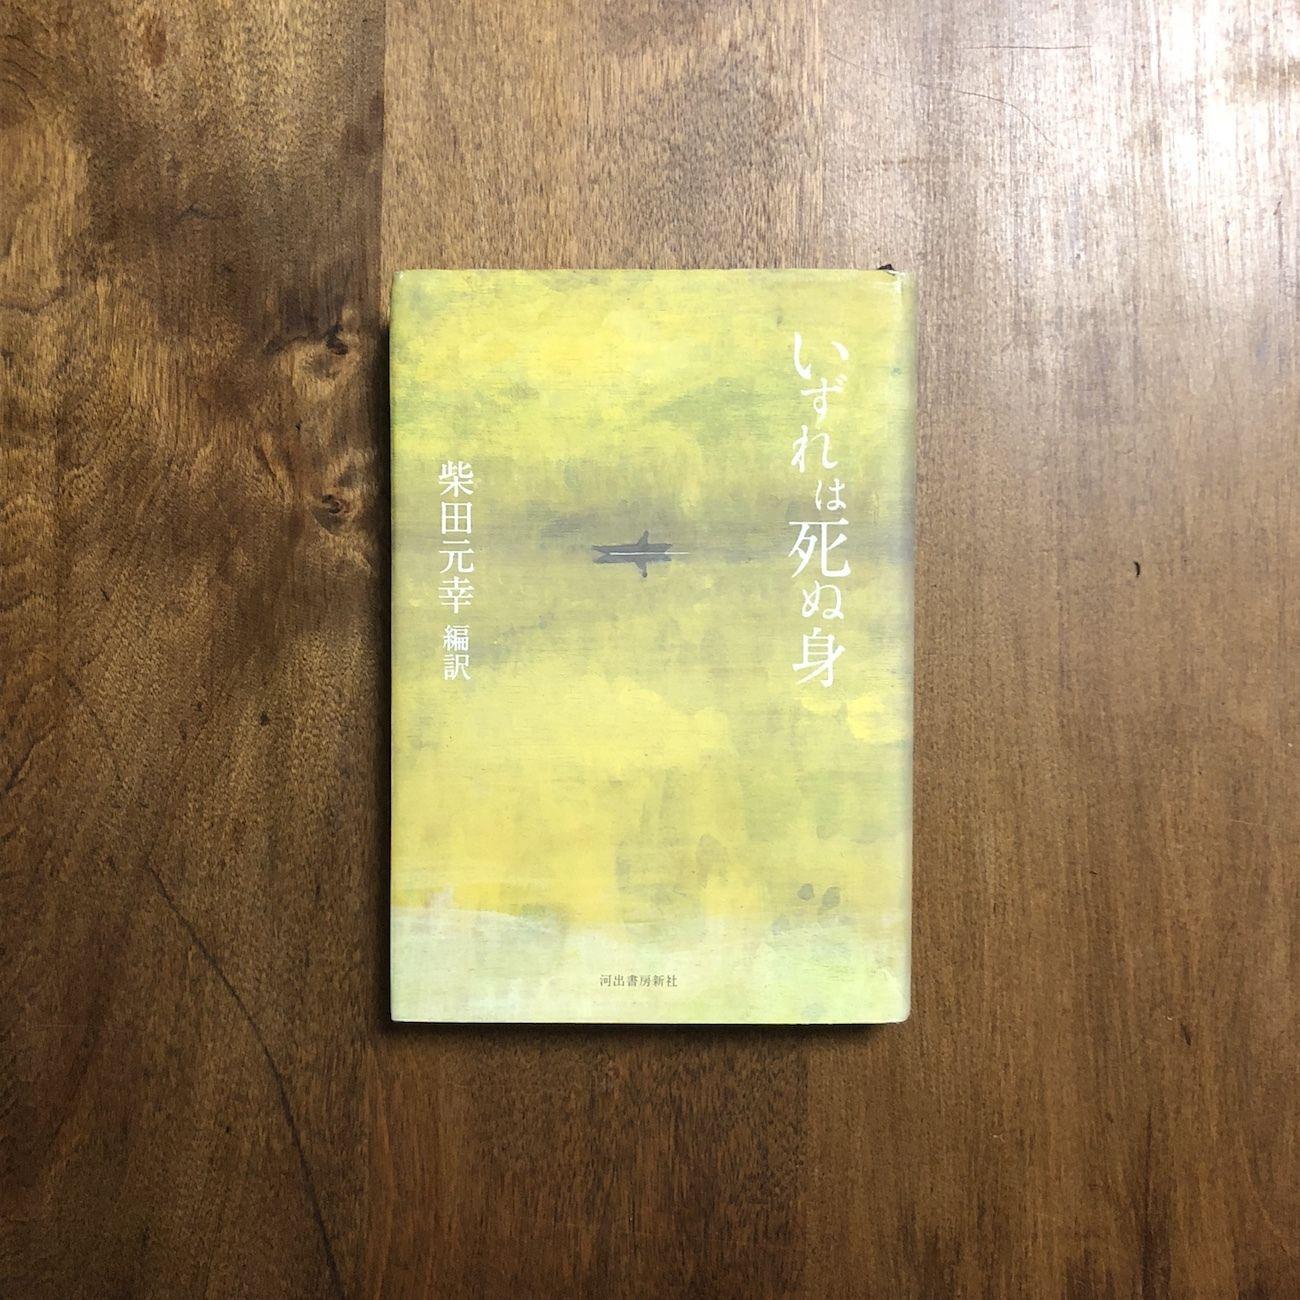 「いずれは死ぬ身」ポール・オースター、スチュアート・ダイベック 他 柴田元幸 編訳